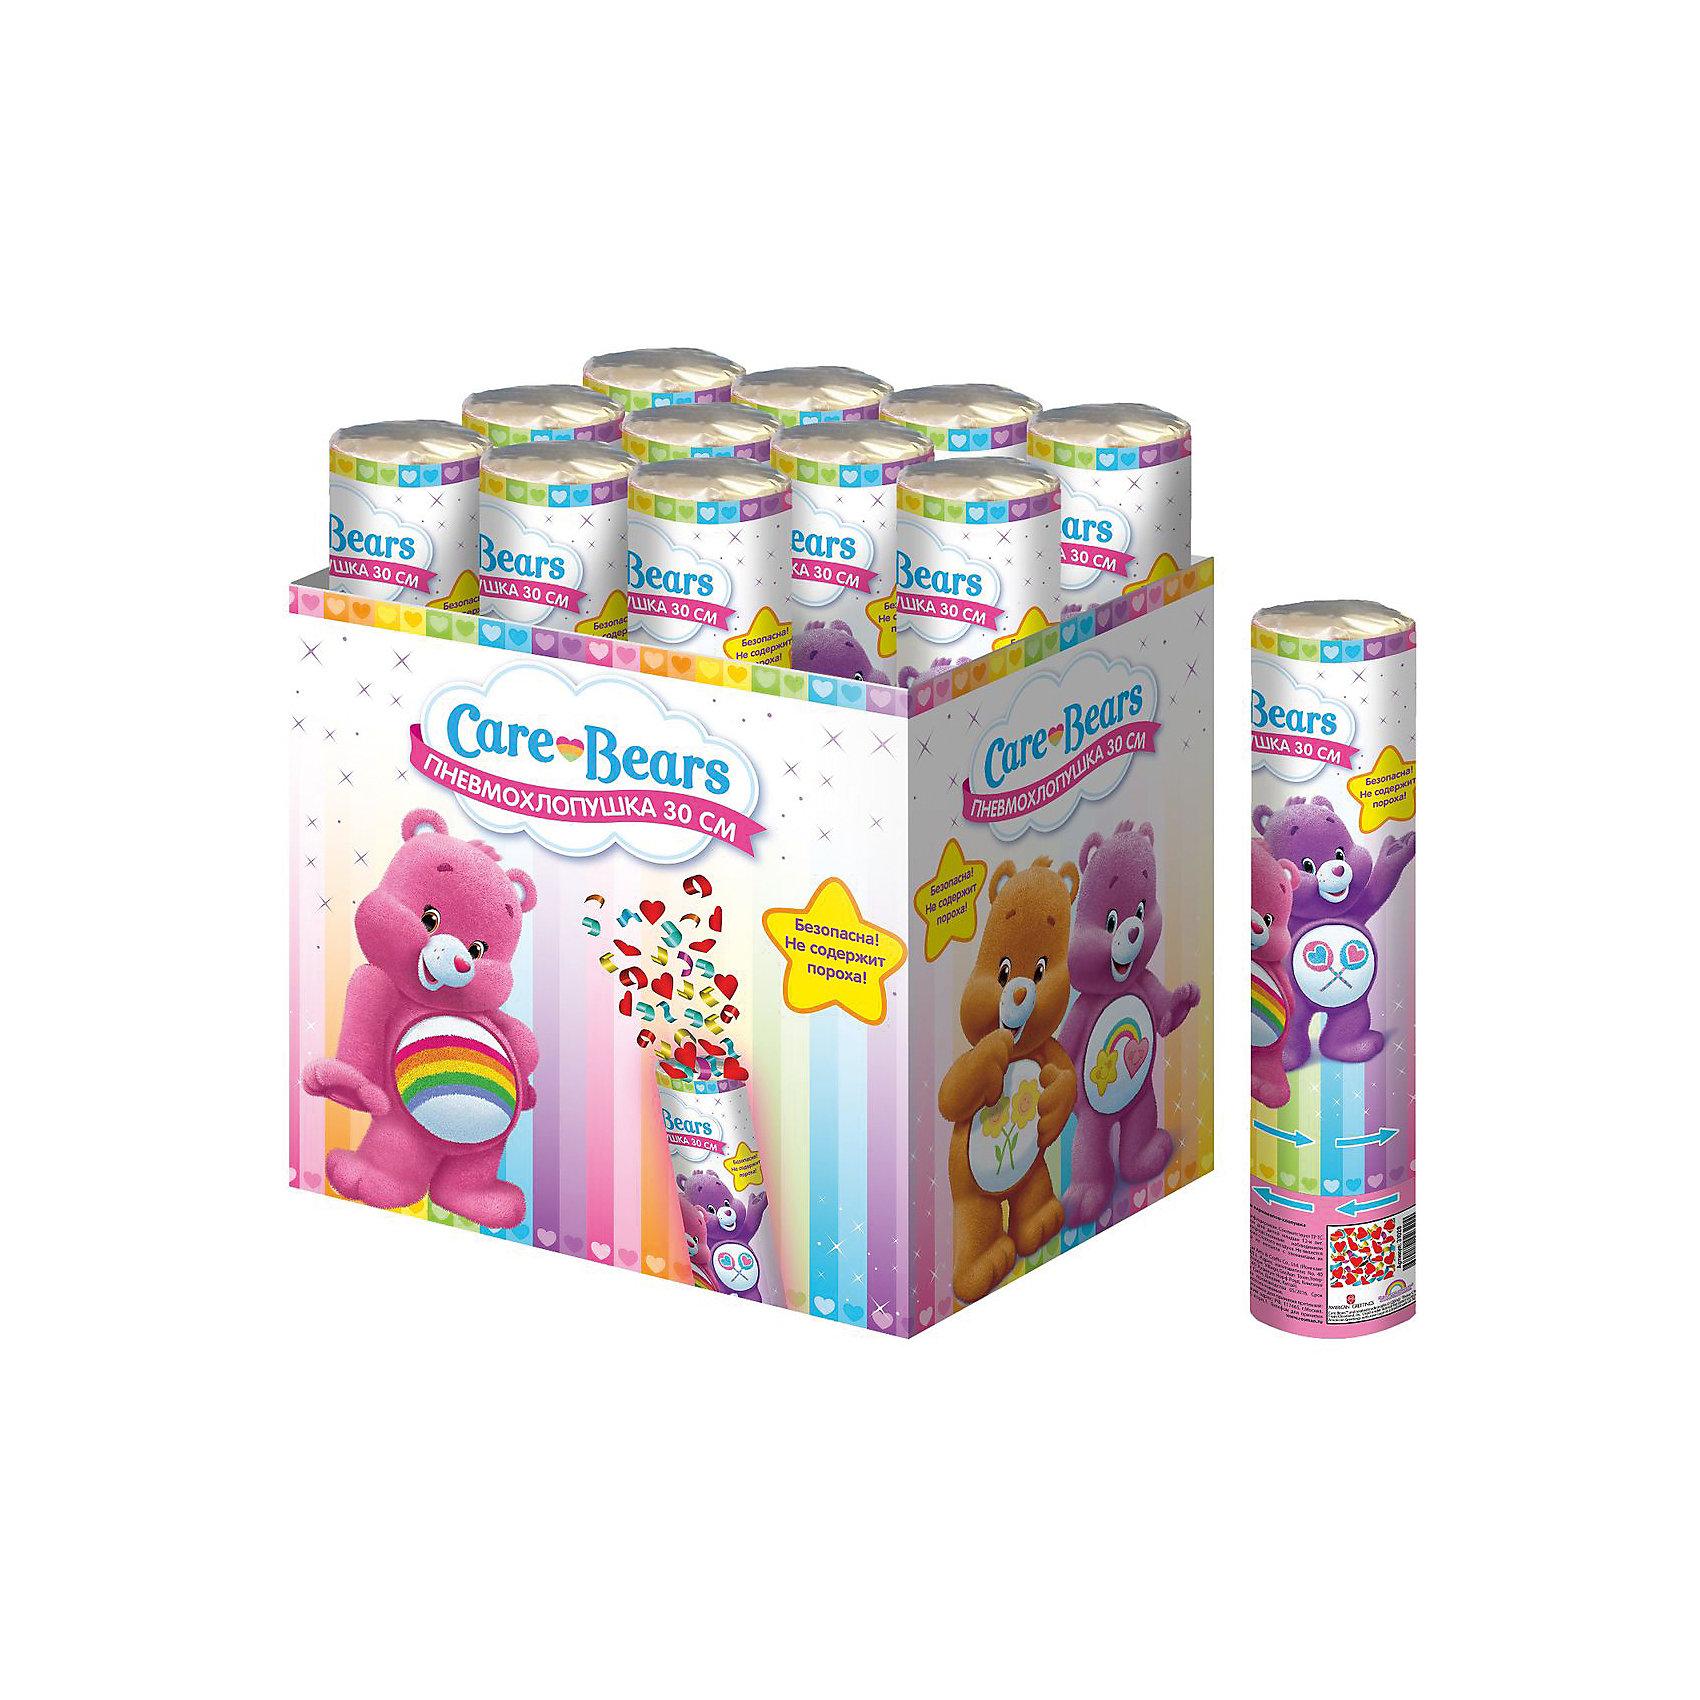 Хлопушка Заботливые мишки 30 смВсё для праздника<br>Подарите ребятишкам радость, дополнив детский праздник хлопушкой «Заботливые мишки». Когда раздастся звонкий хлопок и под веселый ребячий смех на всех посыплется разноцветное конфетти – восторг гостей торжества гарантирован!&#13;<br>Хлопушка высотой 30 см, наполненная разноцветным конфетти из разноцветных сердечек, представляет собой металлическую тубу с бумажным и фольгированным наполнением. Изделие не содержит пороха, действует на основе сжатого воздуха, безопасно при использовании по назначению. Товар сертифицирован.<br><br>Ширина мм: 50<br>Глубина мм: 50<br>Высота мм: 280<br>Вес г: 150<br>Возраст от месяцев: 144<br>Возраст до месяцев: 2147483647<br>Пол: Унисекс<br>Возраст: Детский<br>SKU: 5076637